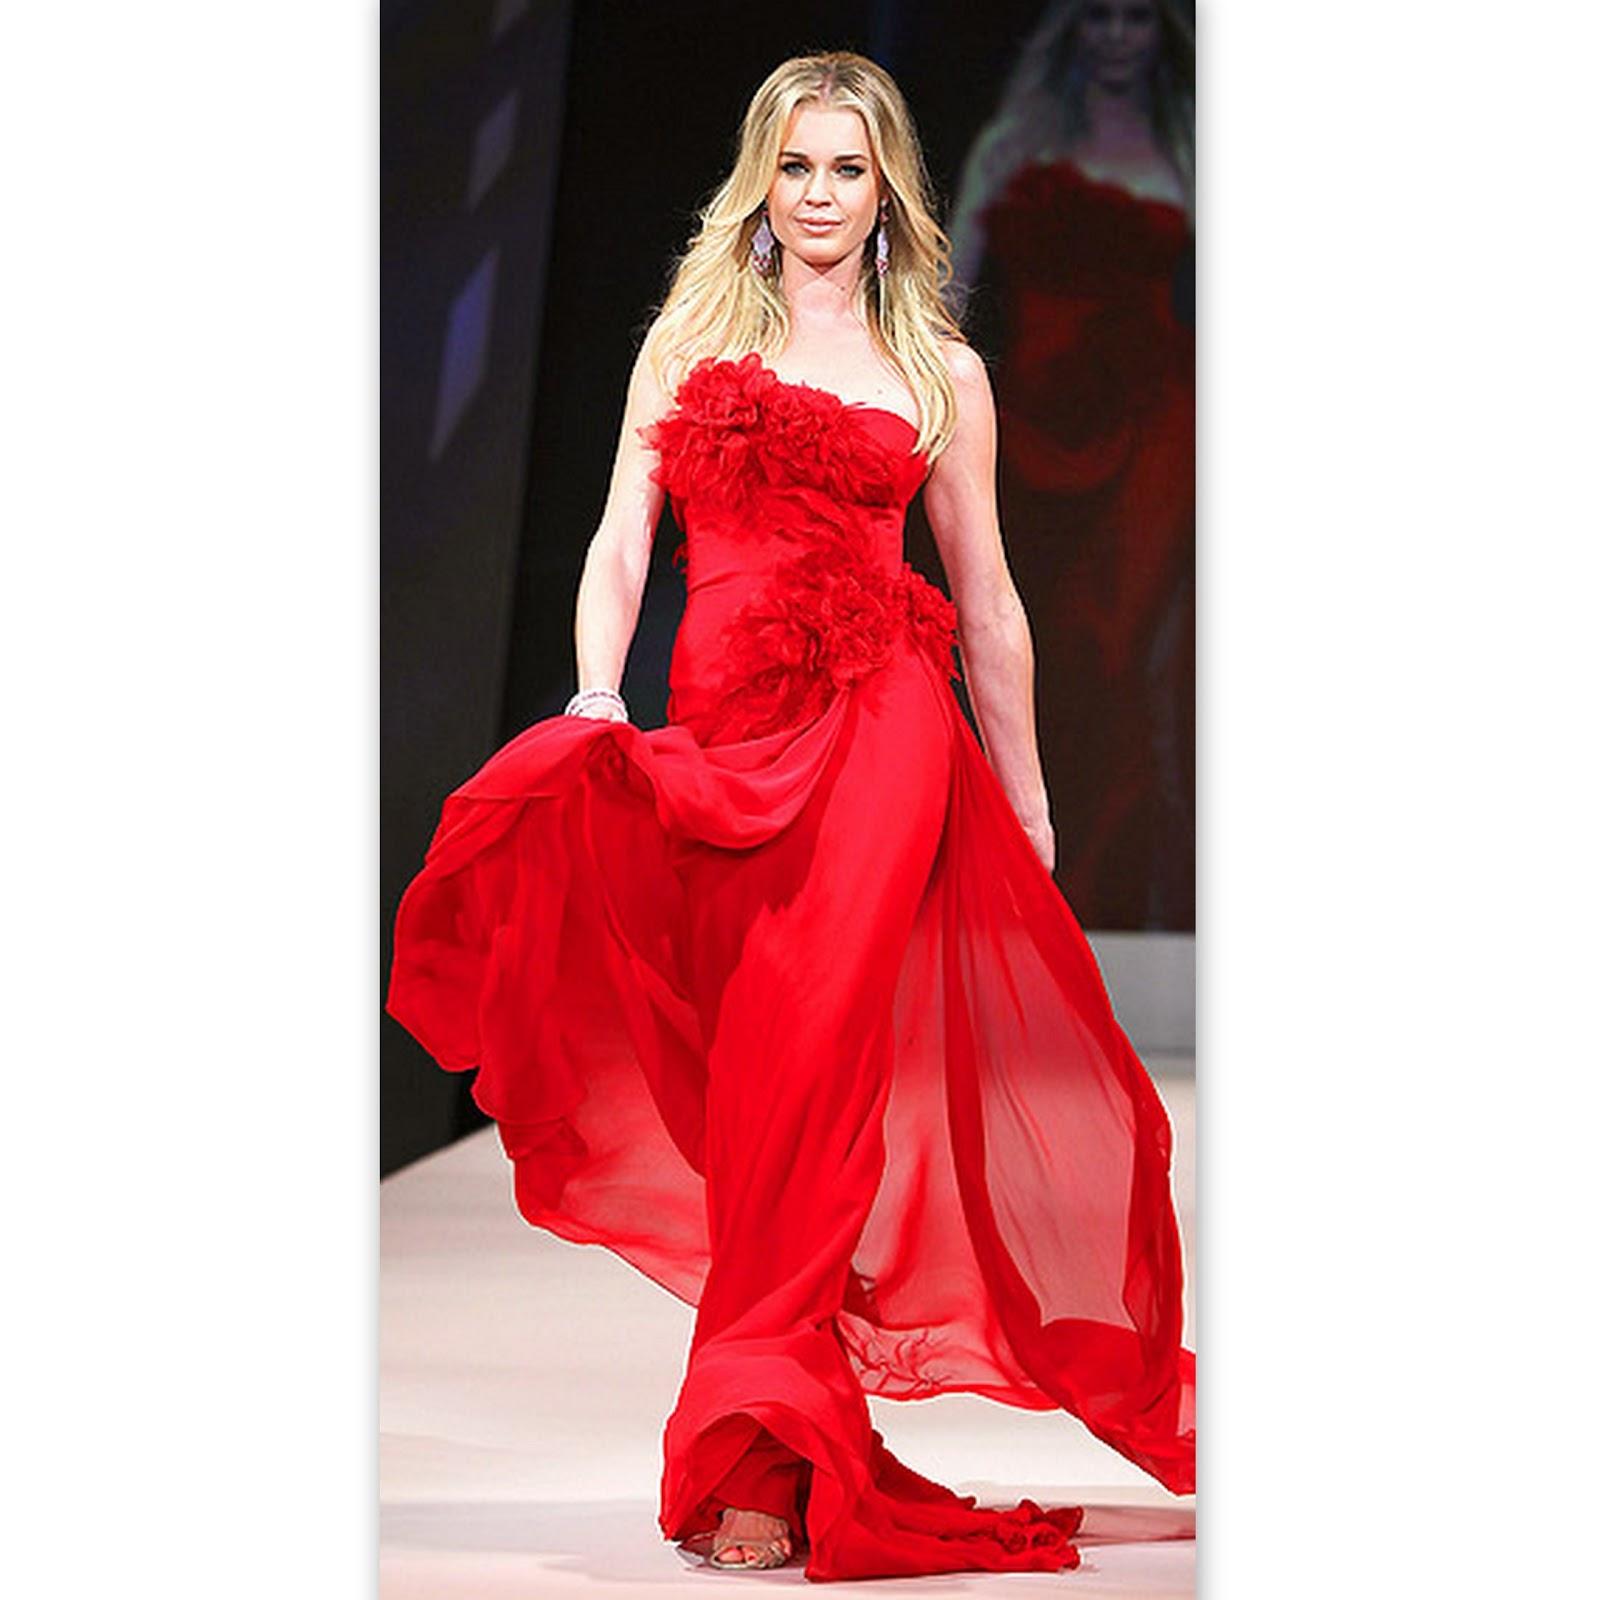 Rosso di sera fashion 100